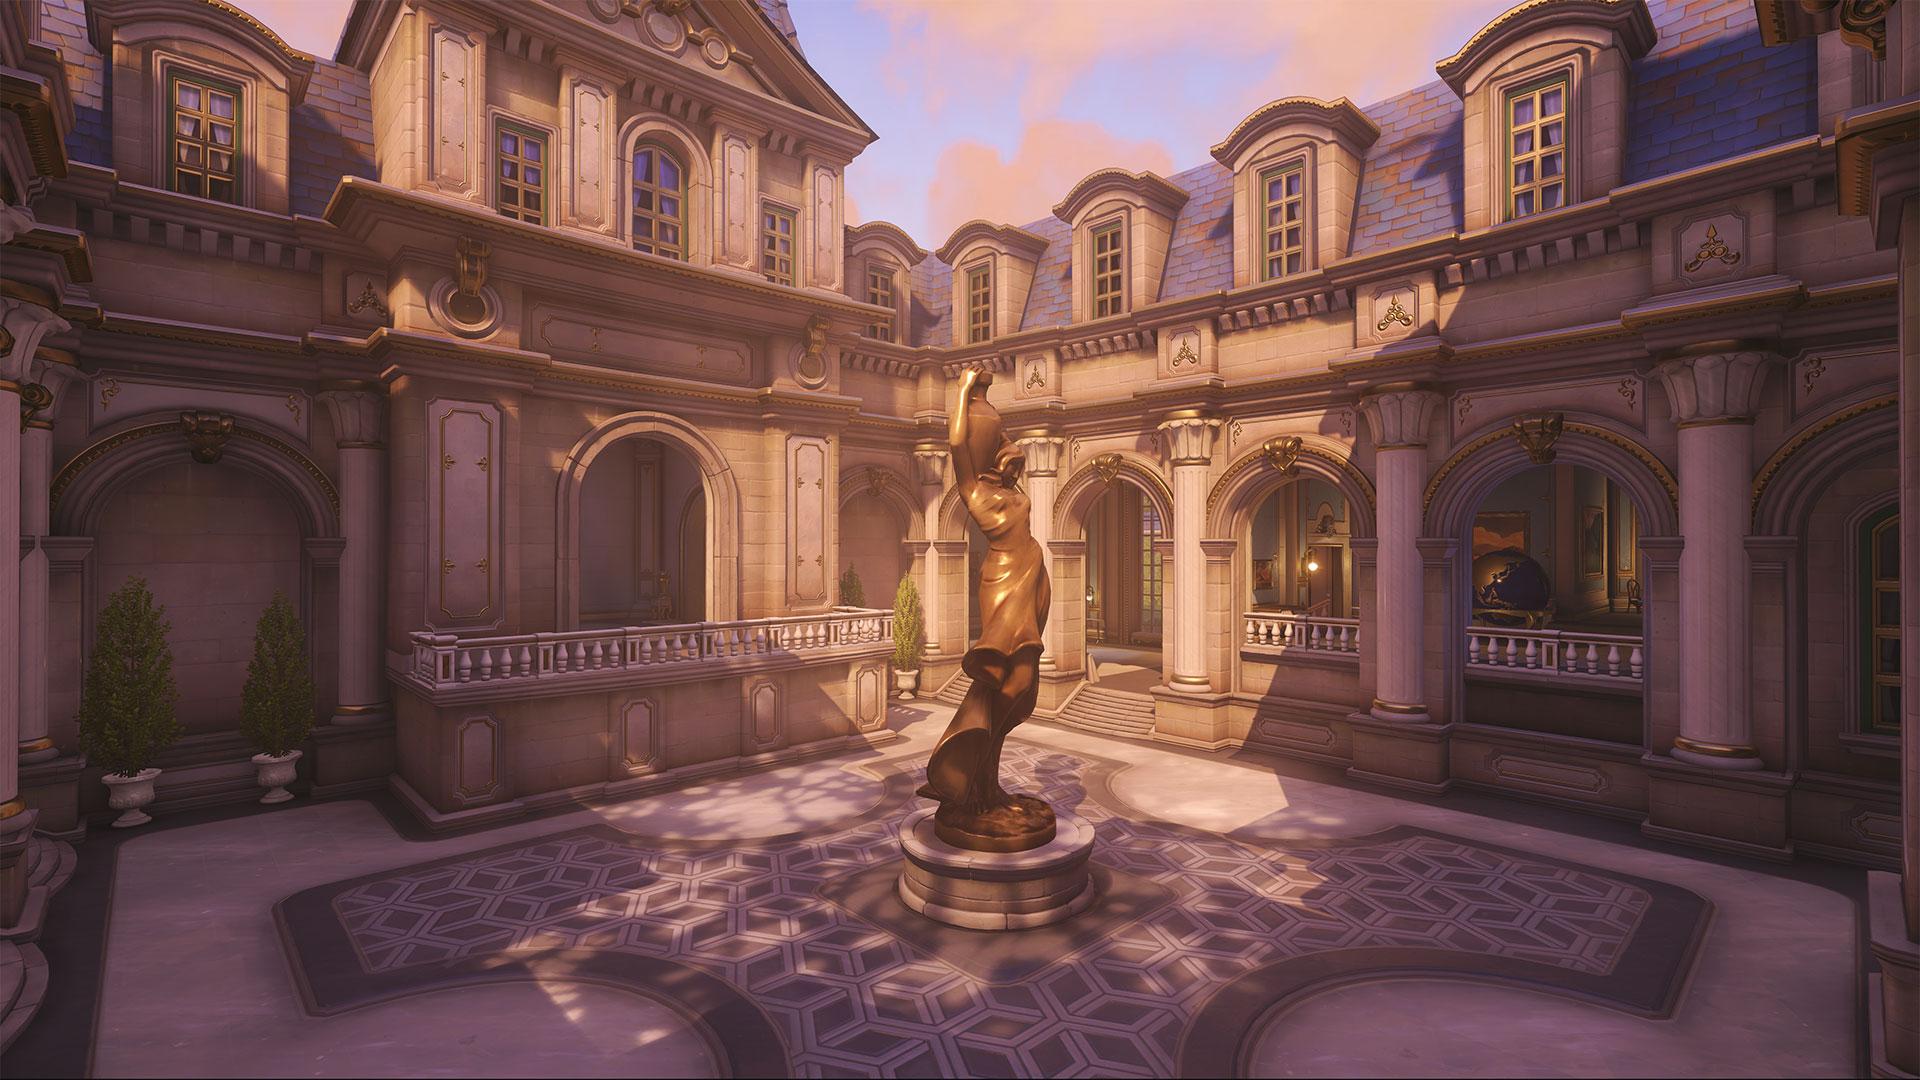 نقشه پاریس بازی Overwatch